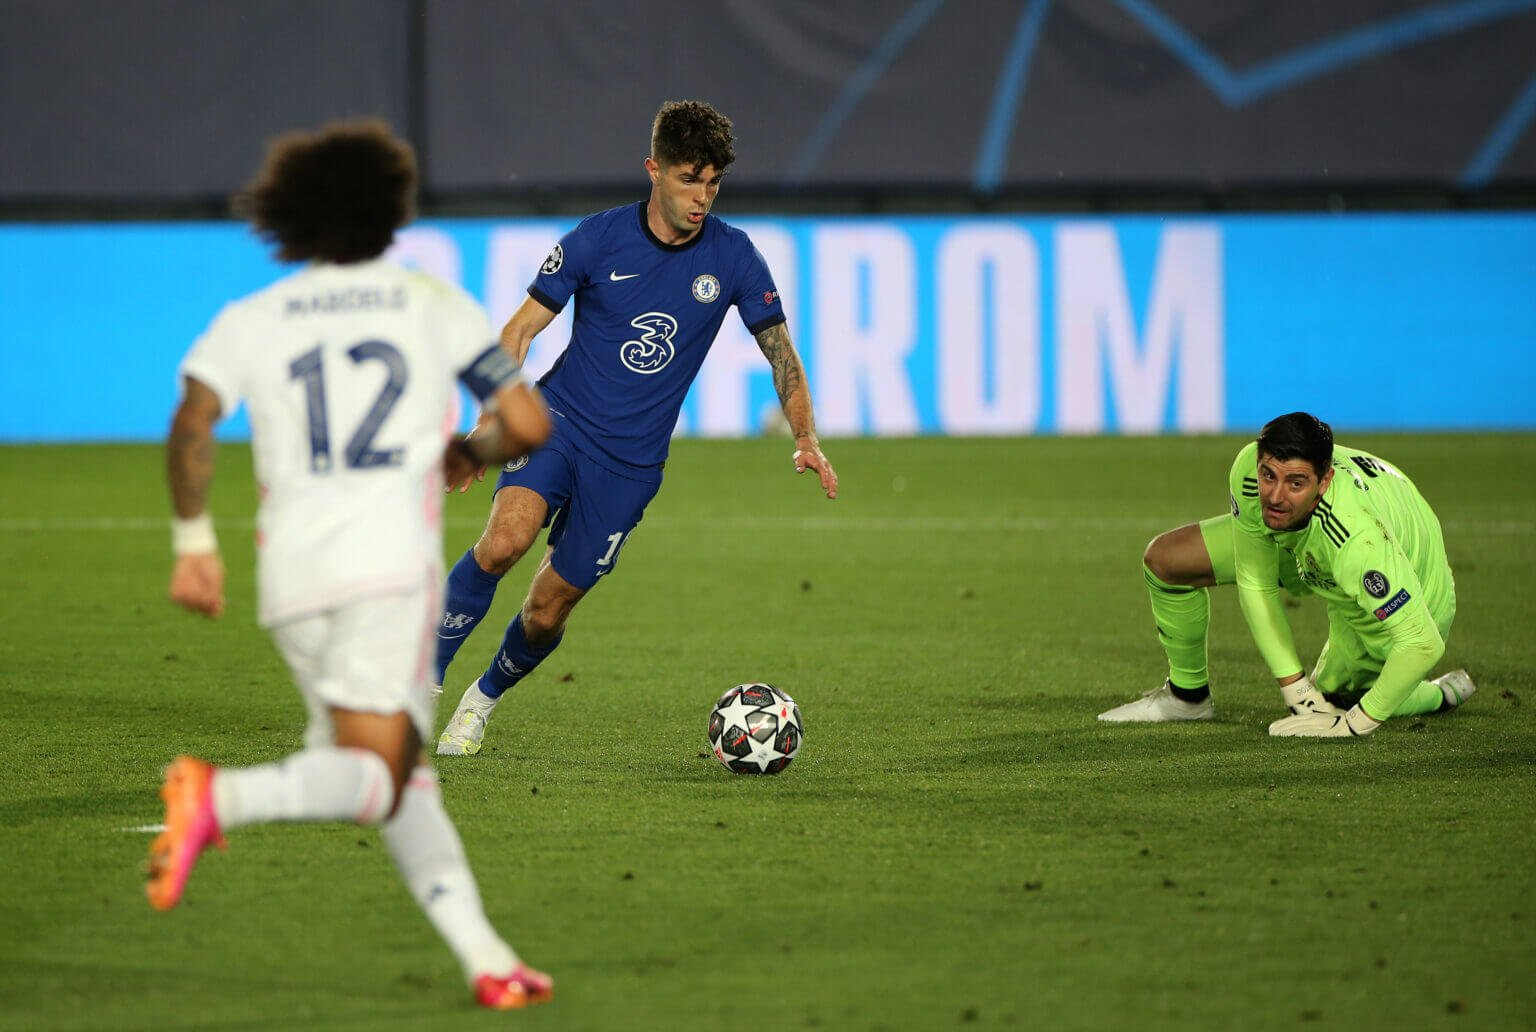 Đêm nay, Courtois sẽ quay về Stamford Bridge để giúp Real đánh bại đội bóng cũ Chelsea